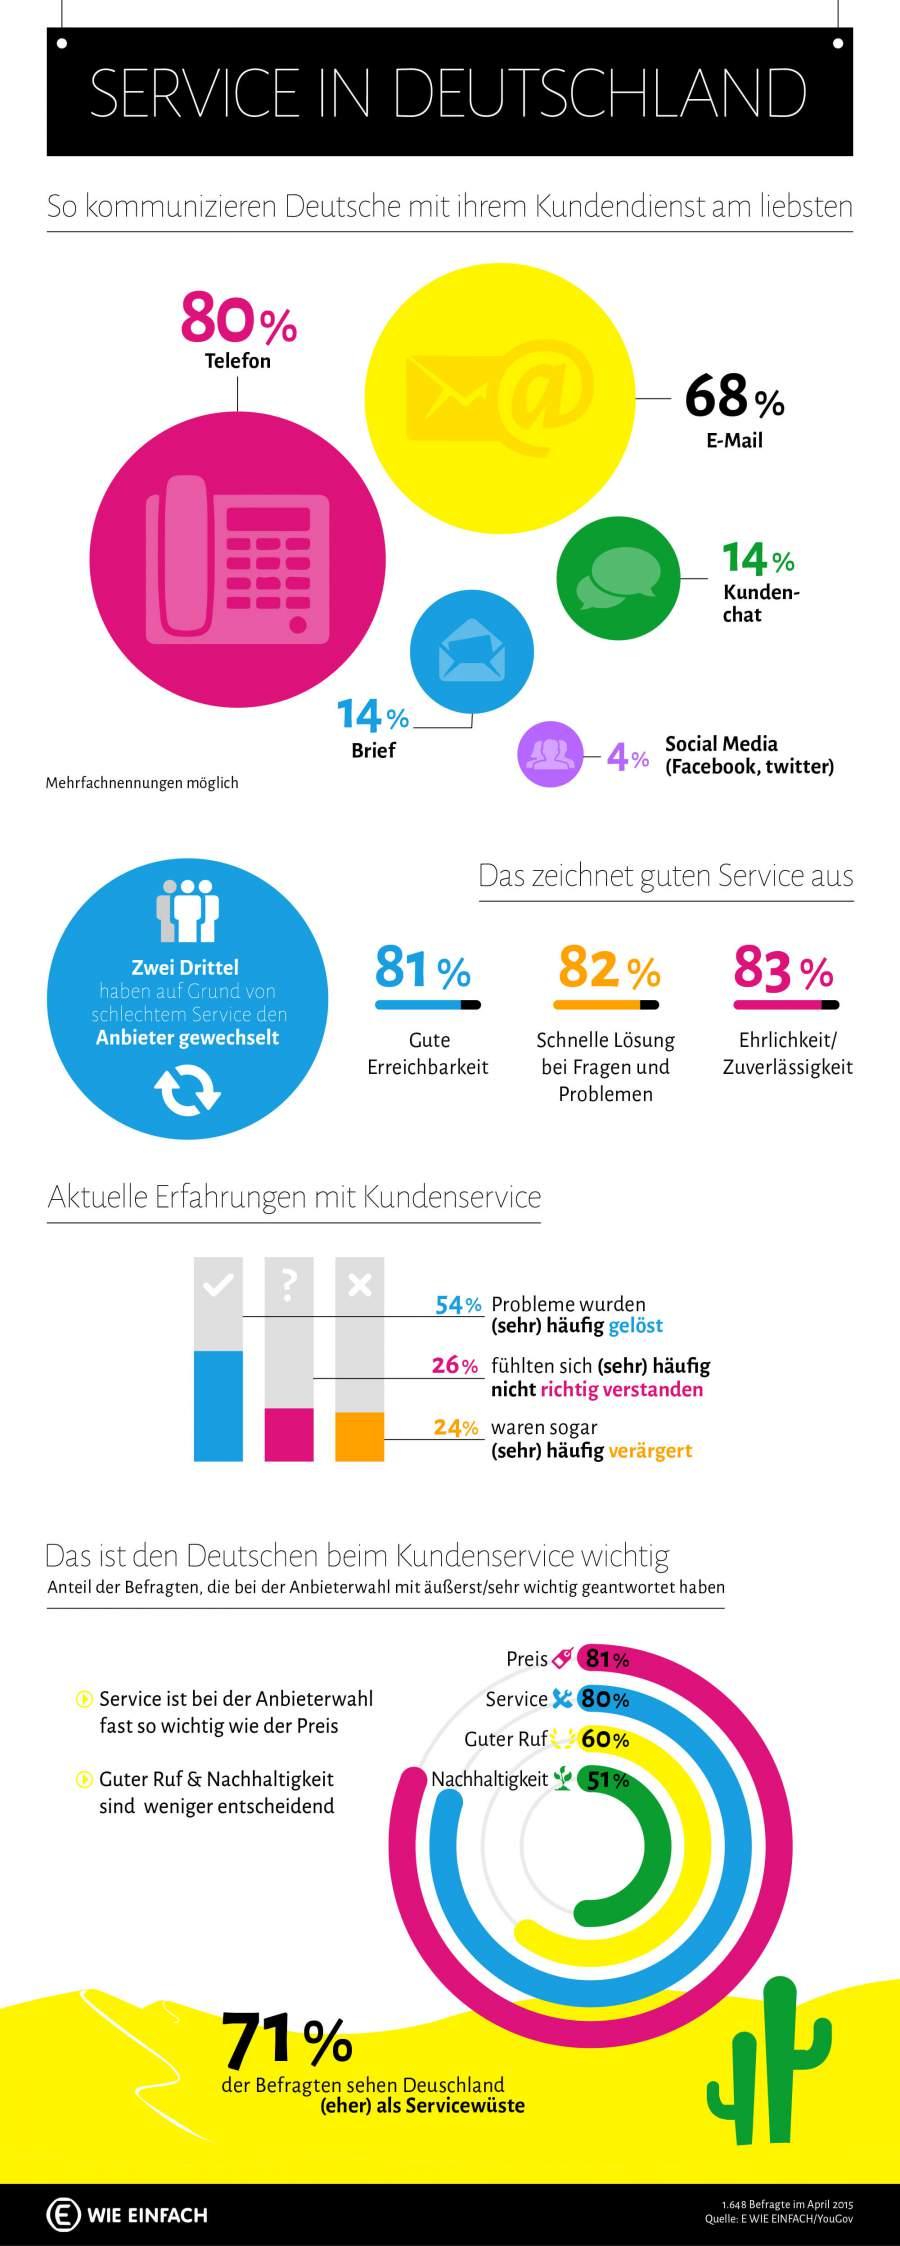 Infografik zum Thema Kundenservice in Deutschland